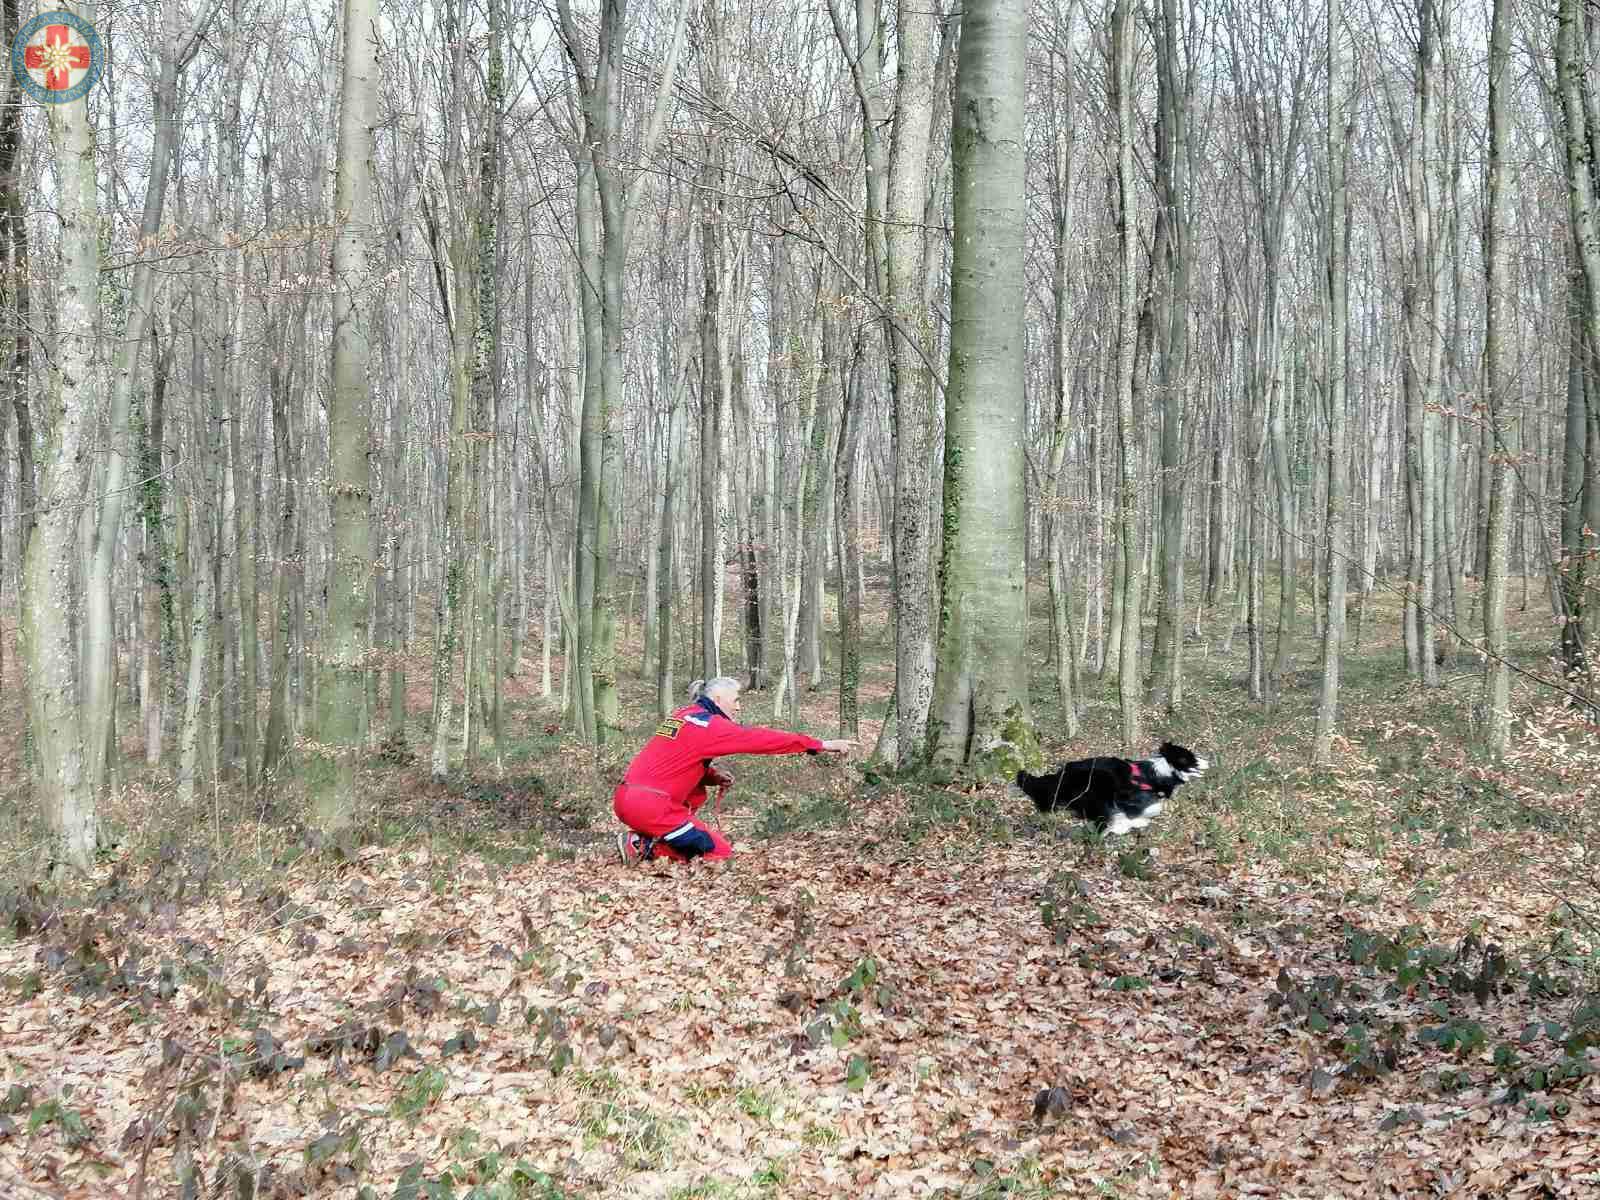 Potražni pas u Bjelovaru pronašao nestalog muškarca, no konačan ishod sve je rastužio